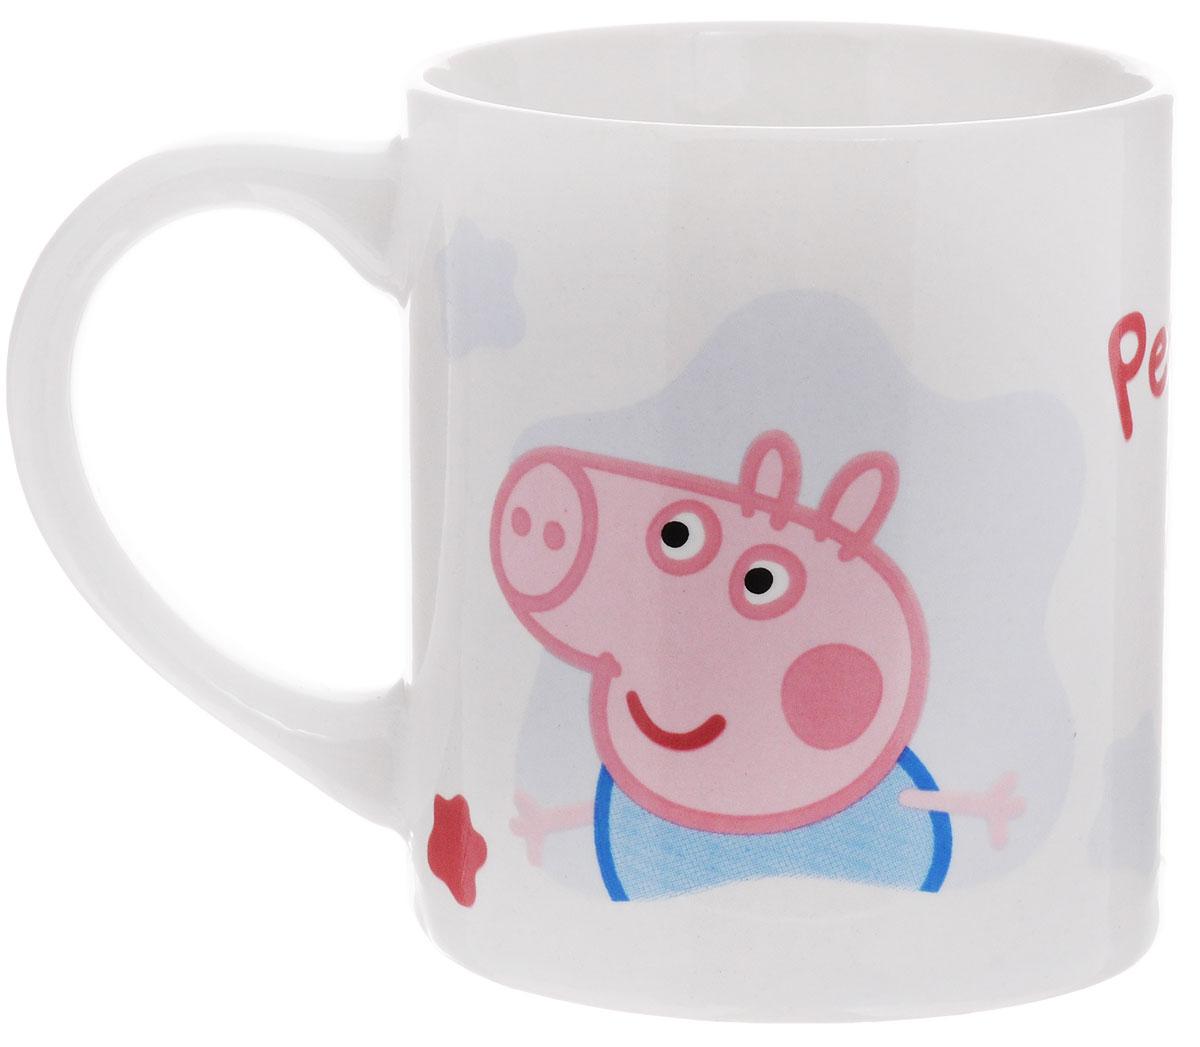 Peppa Pig Кружка детская 210 мл в подарочной упаковкеSWT260-02